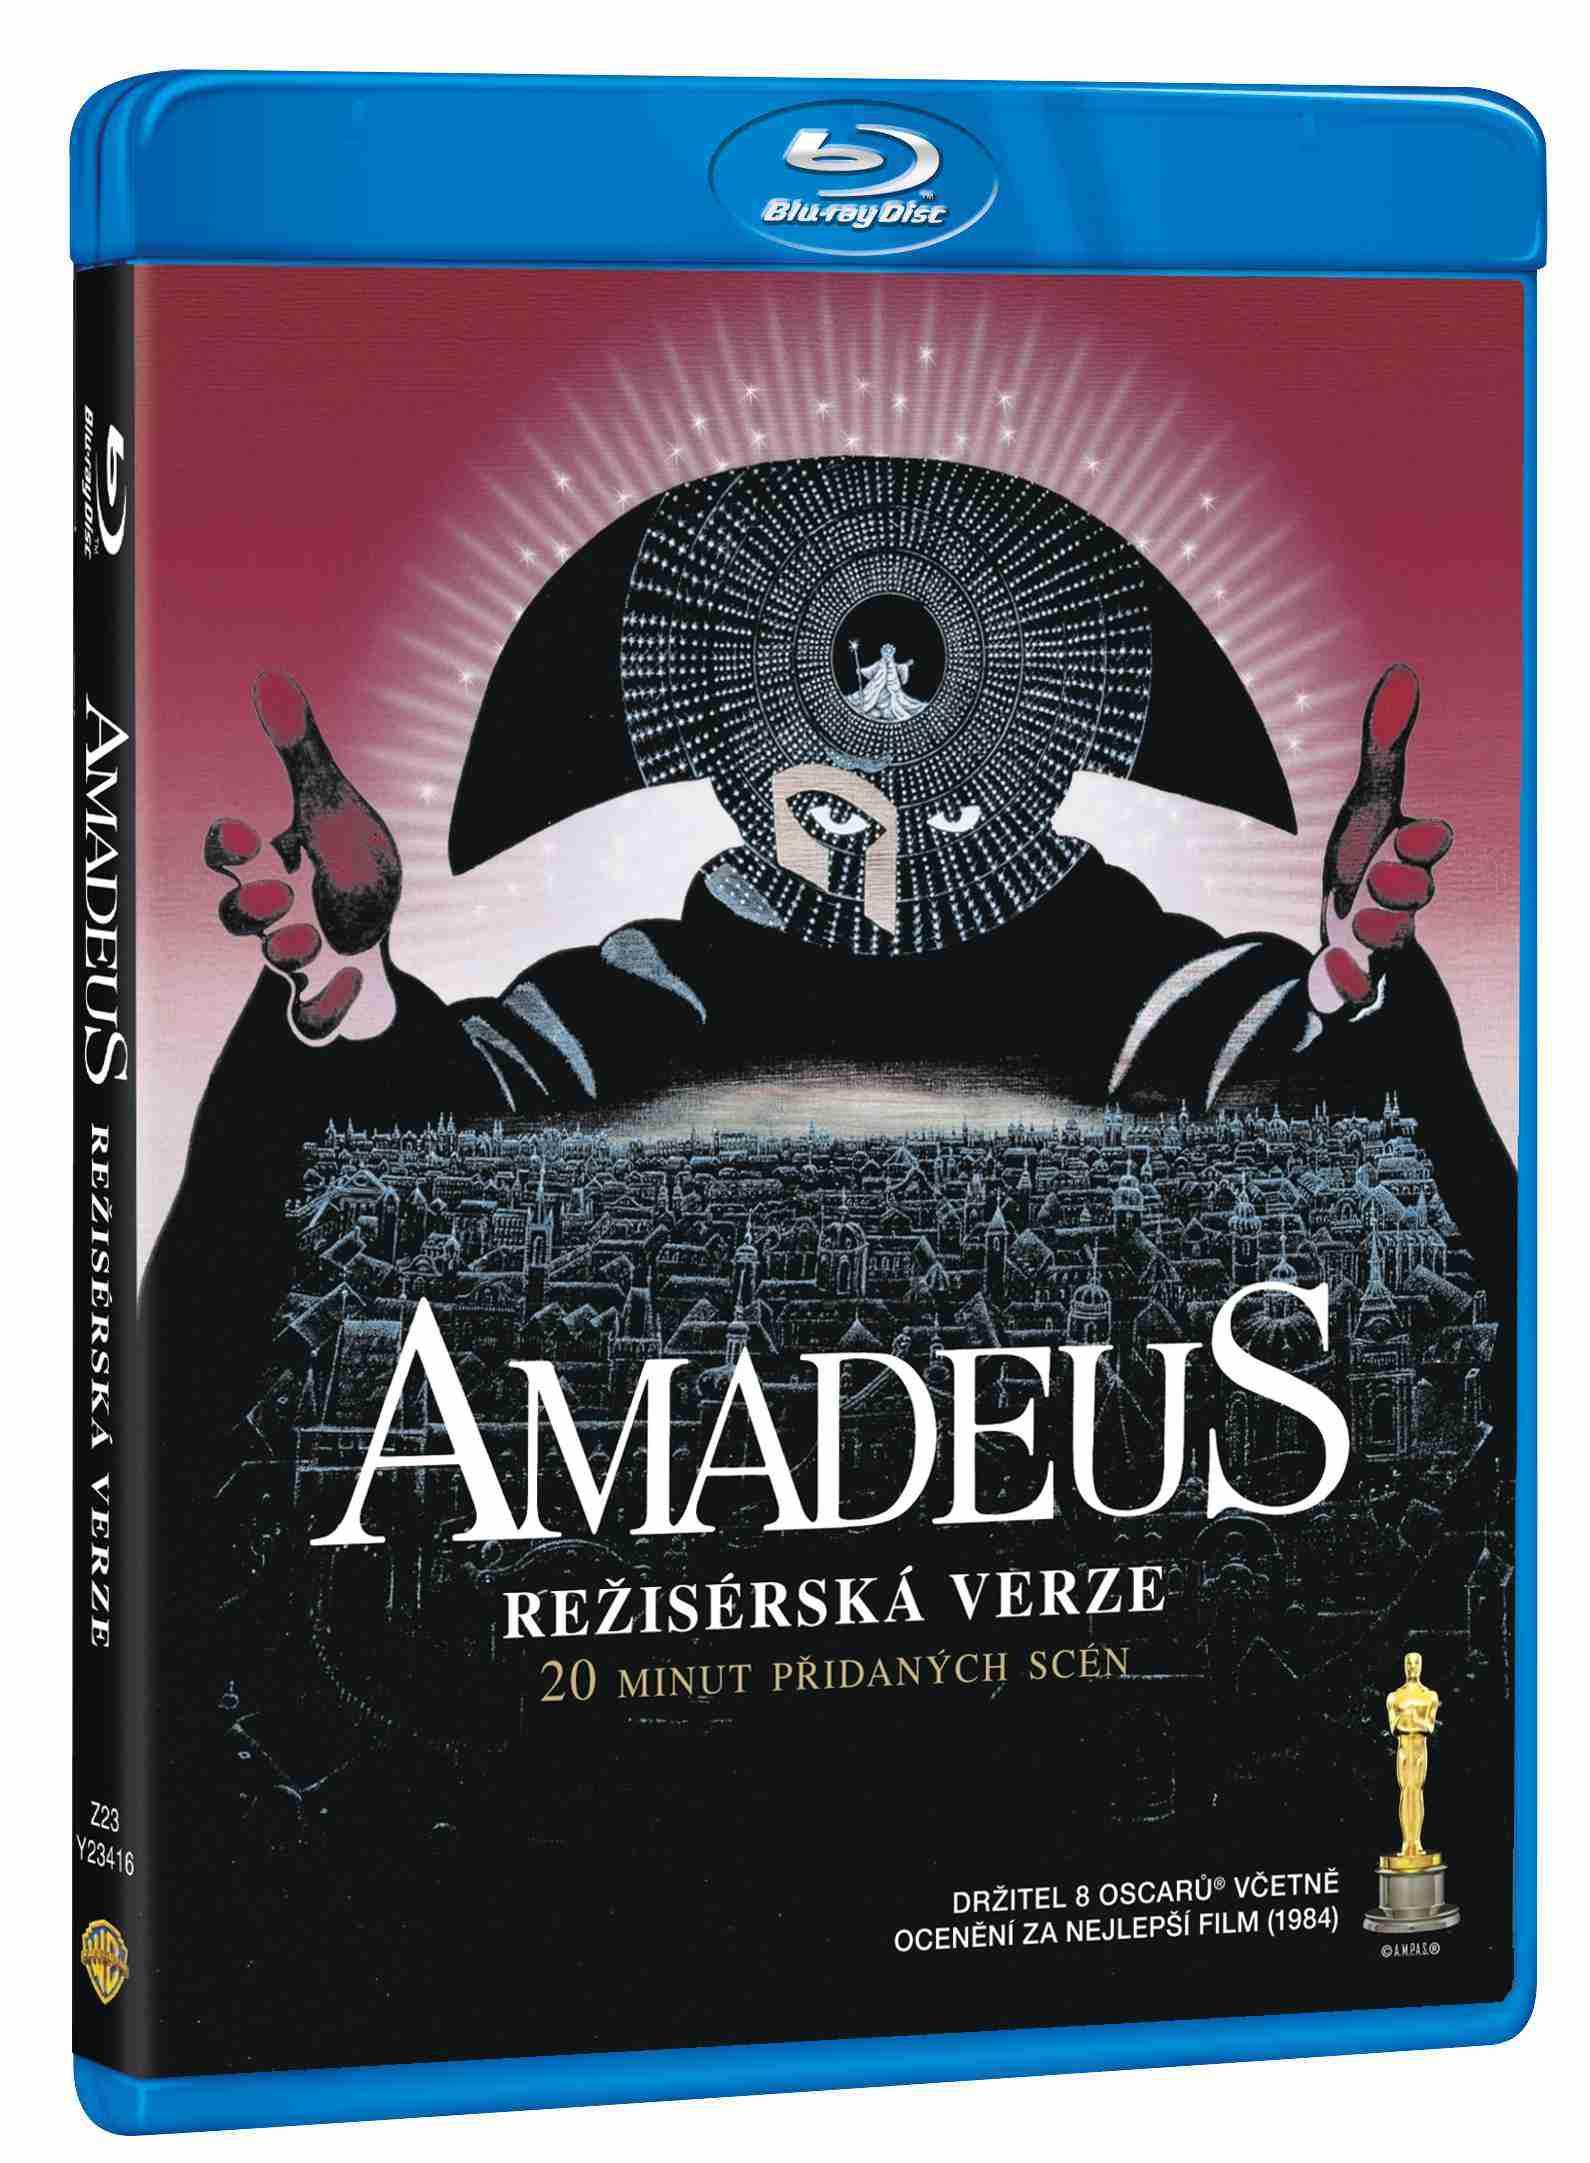 AMADEUS (Režisérská verze) - Blu-ray